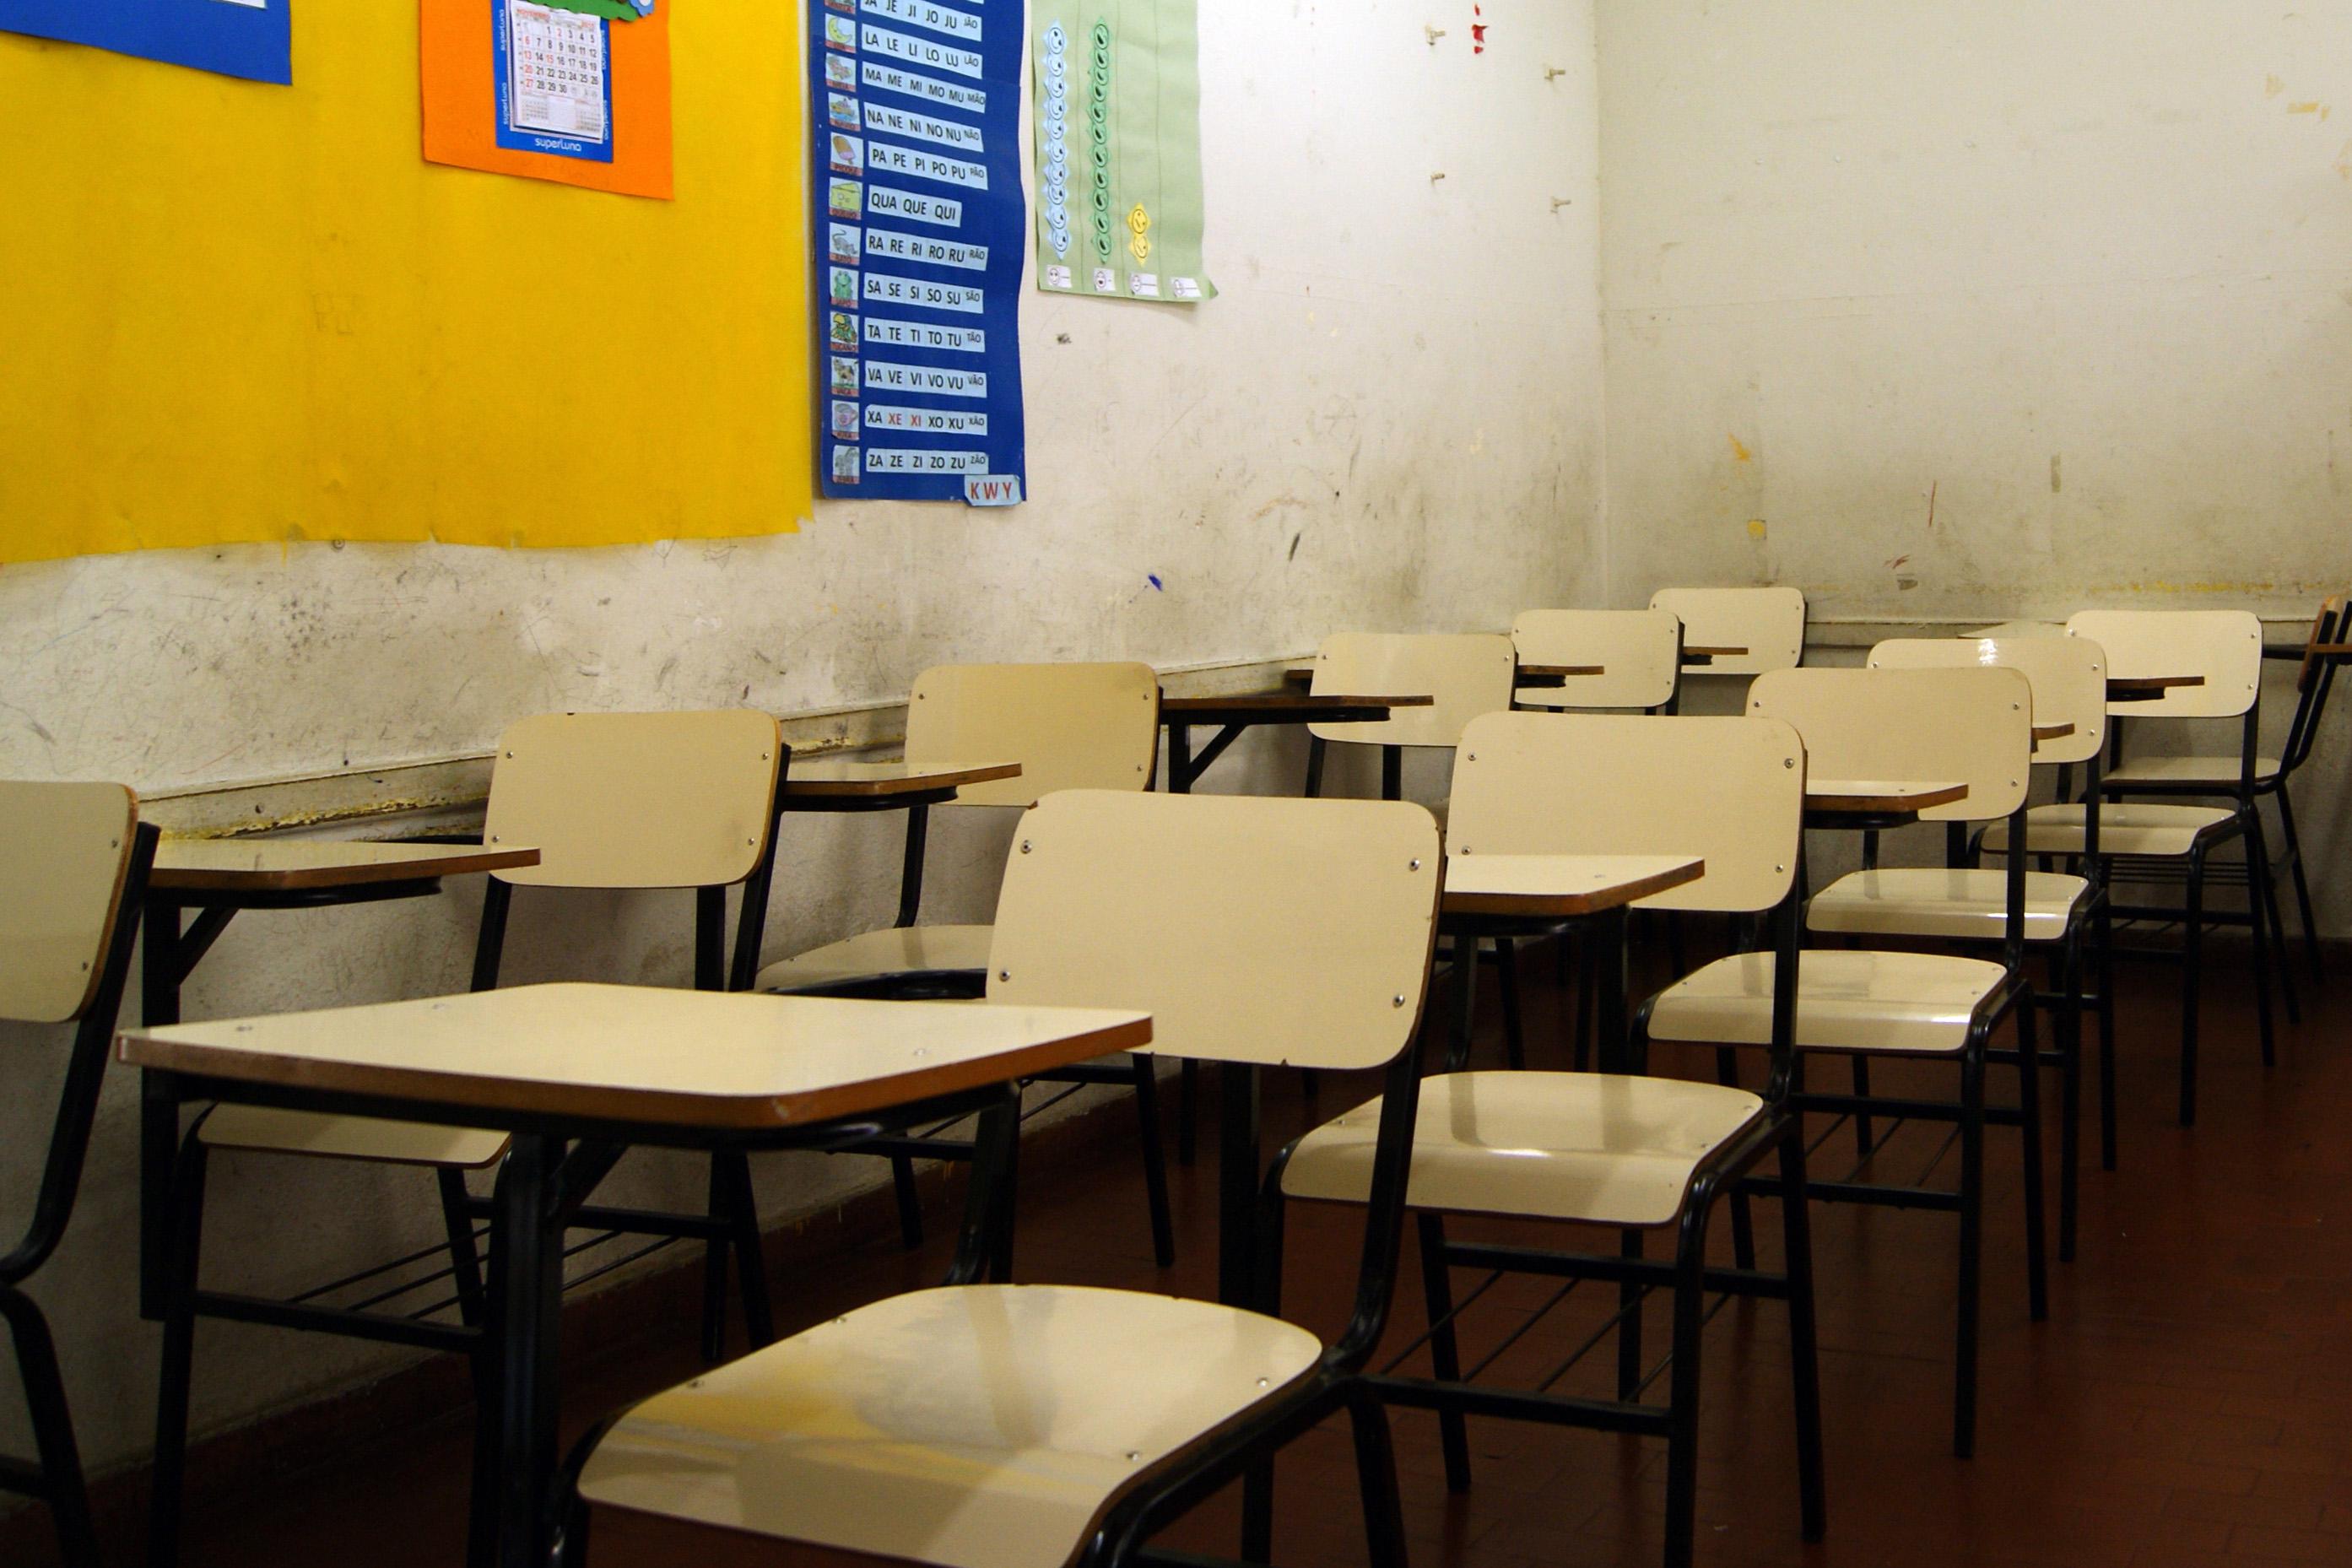 Evasão E Permanência Na Educação De Jovens E Adultos: O Papel Da Escola Nesses Processos